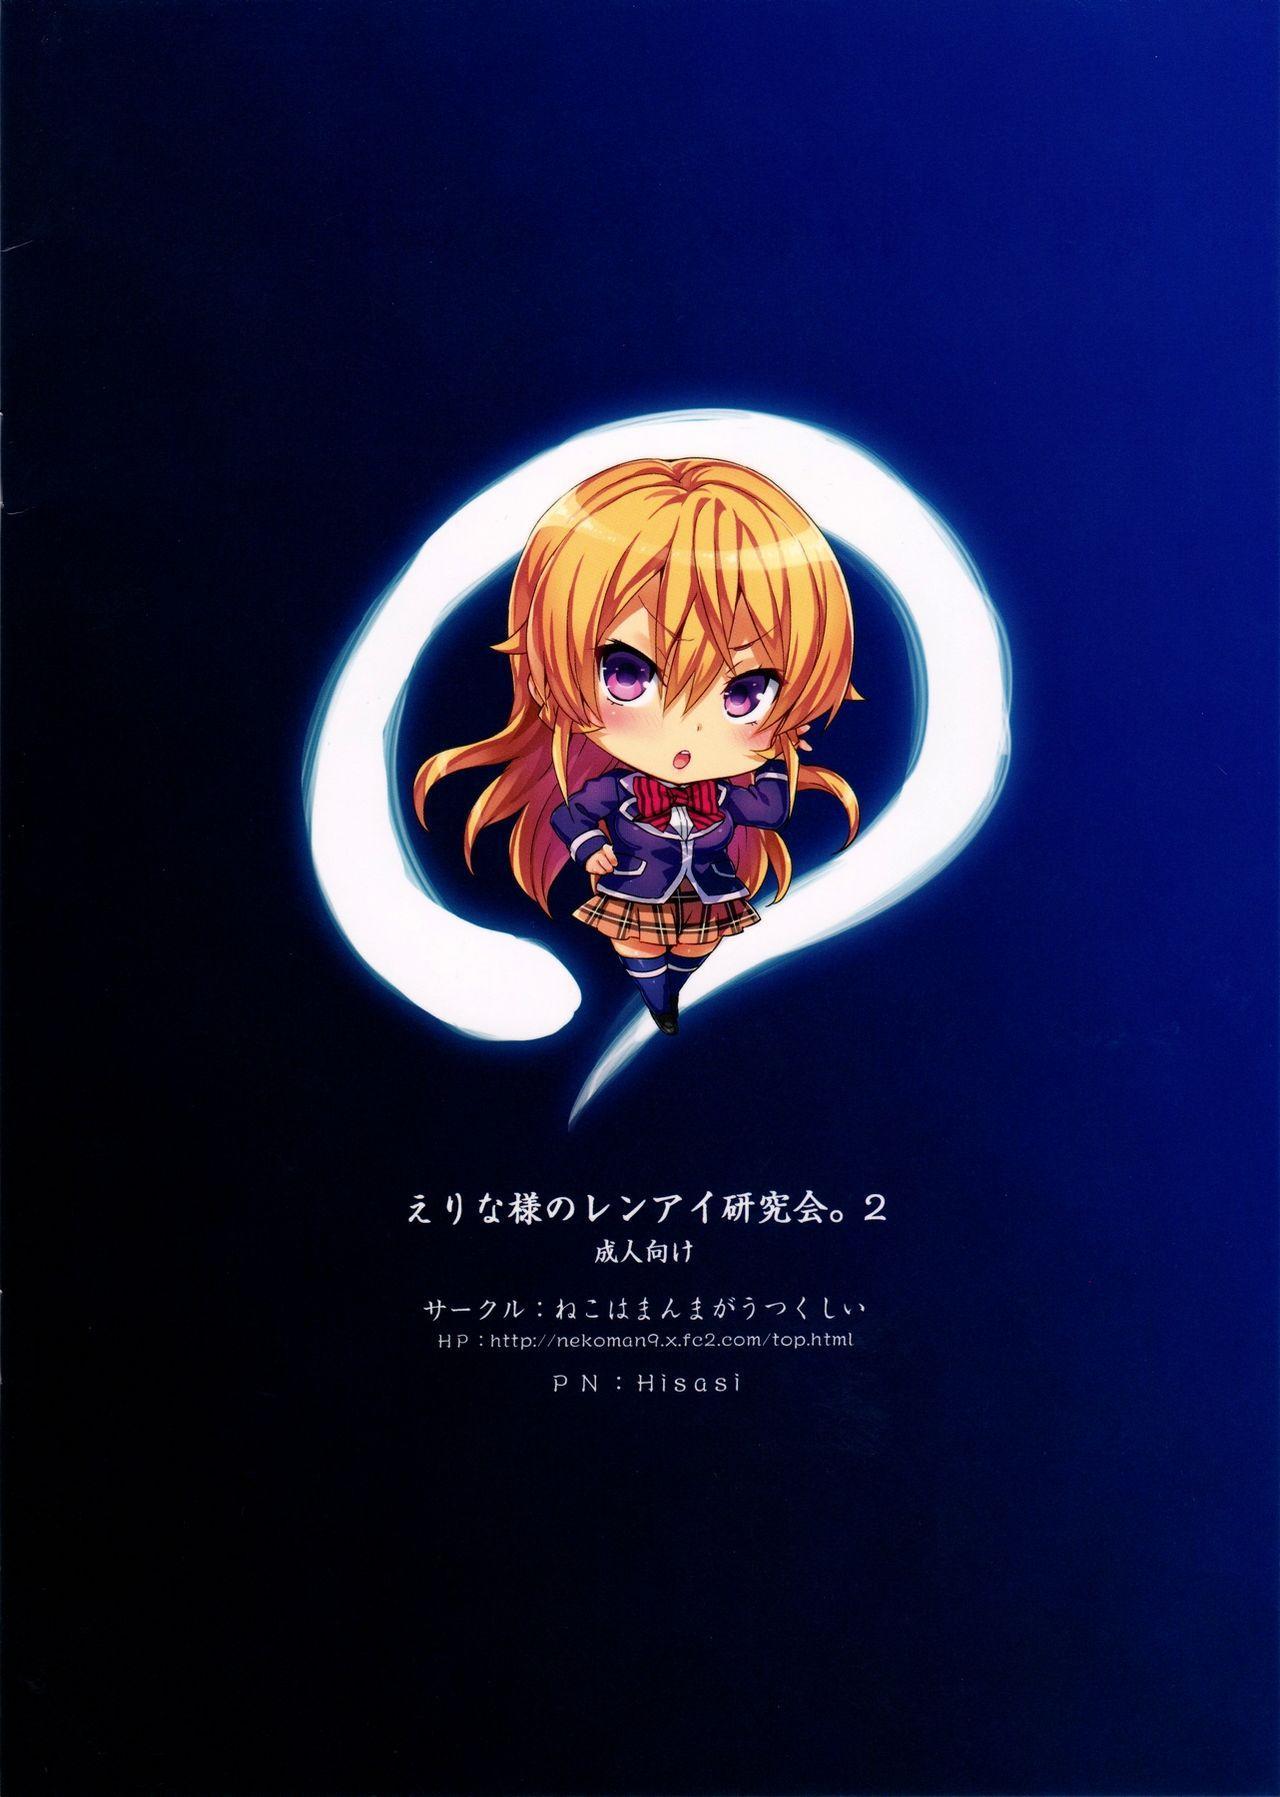 (C91) [Neko wa Manma ga Utsukushii (Hisasi)] Erina-sama no Renai Kenkyuukai. 2 | Erina-sama's Love Laboratory. 2 (Shokugeki no Soma) [English] [Royal_TL] 23